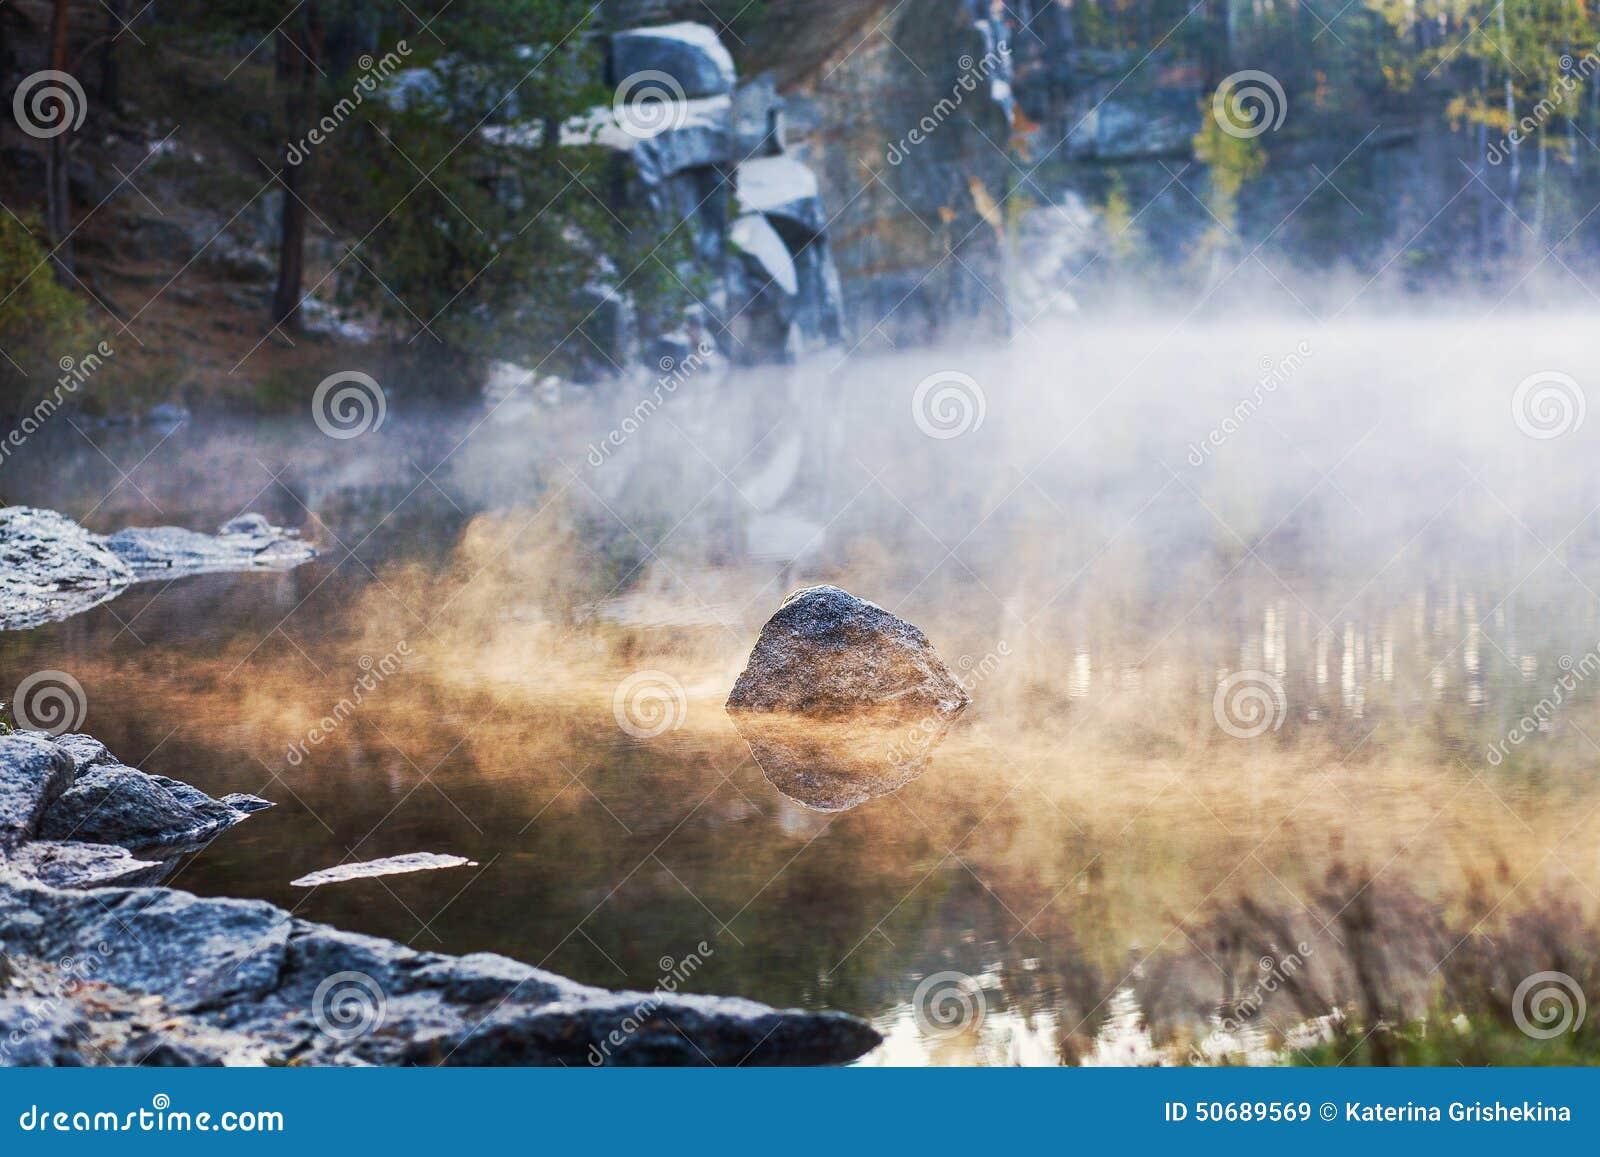 Download 花岗岩猎物 库存图片. 图片 包括有 保护, 微积分, 海洋, 蓝色, 本质, 凝固物, 马萨诸塞, 壁架 - 50689569